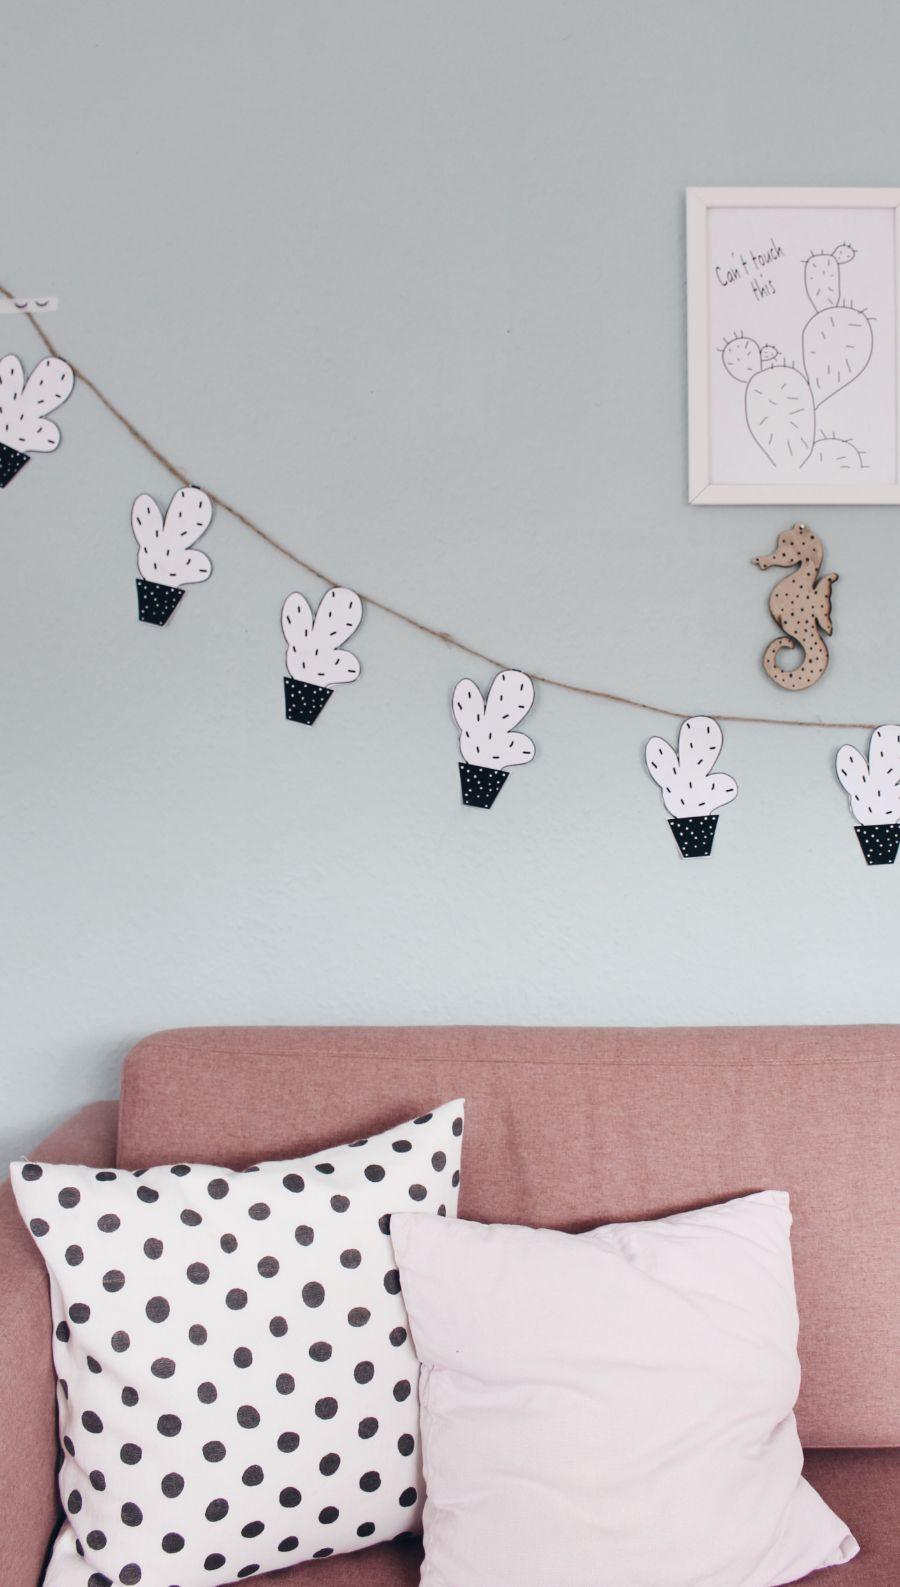 Elegant DIY Wanddeko mit gratis Vorlage zum selber Ausdrucken Es geht ganz schnell und einfach